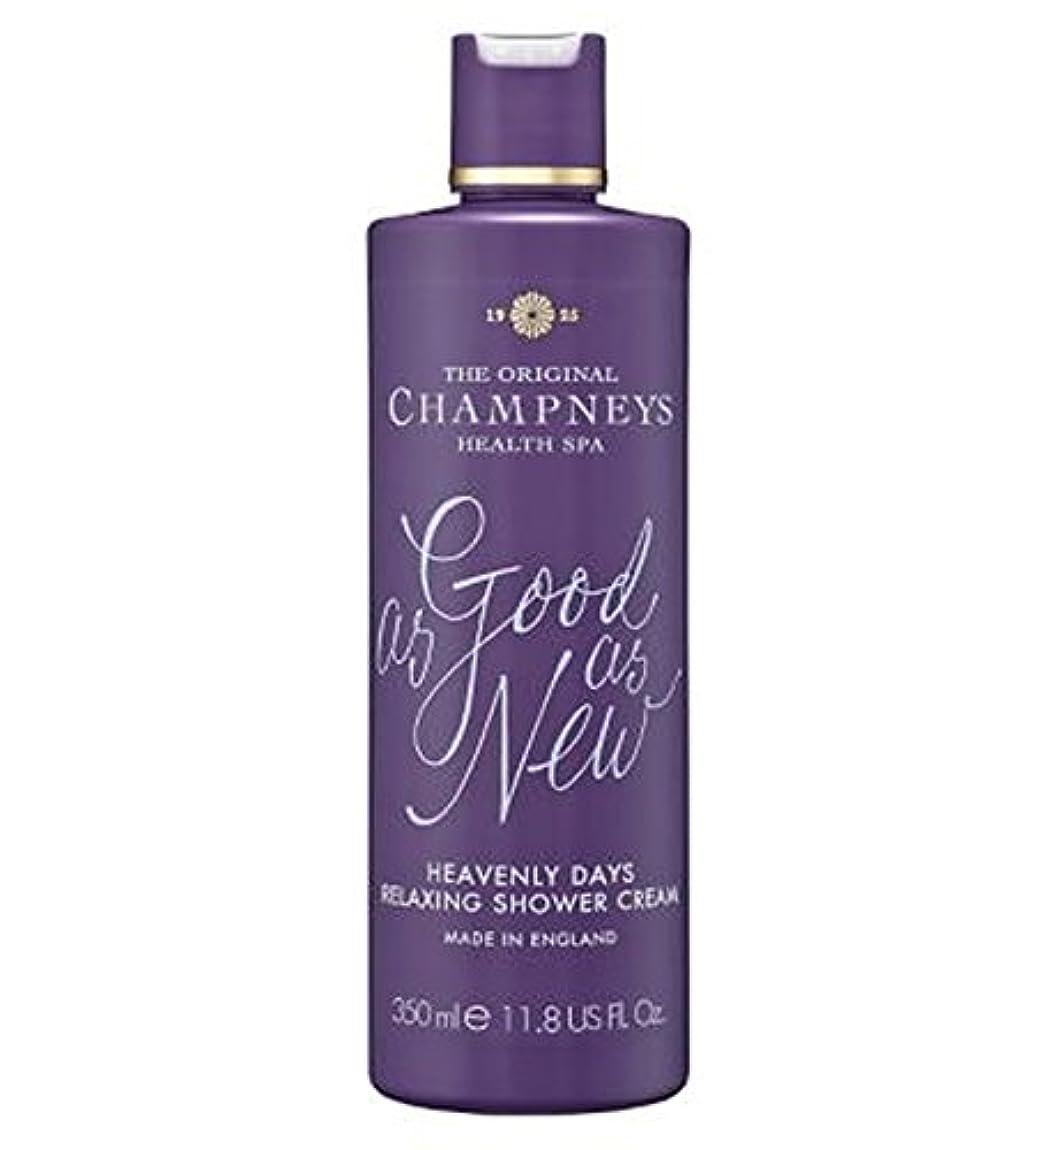 効率的活性化所有権Champneys Heavenly Days Relaxing Shower Cream 350ml - チャンプニーズ天の日のリラックスシャワークリーム350ミリリットル (Champneys) [並行輸入品]